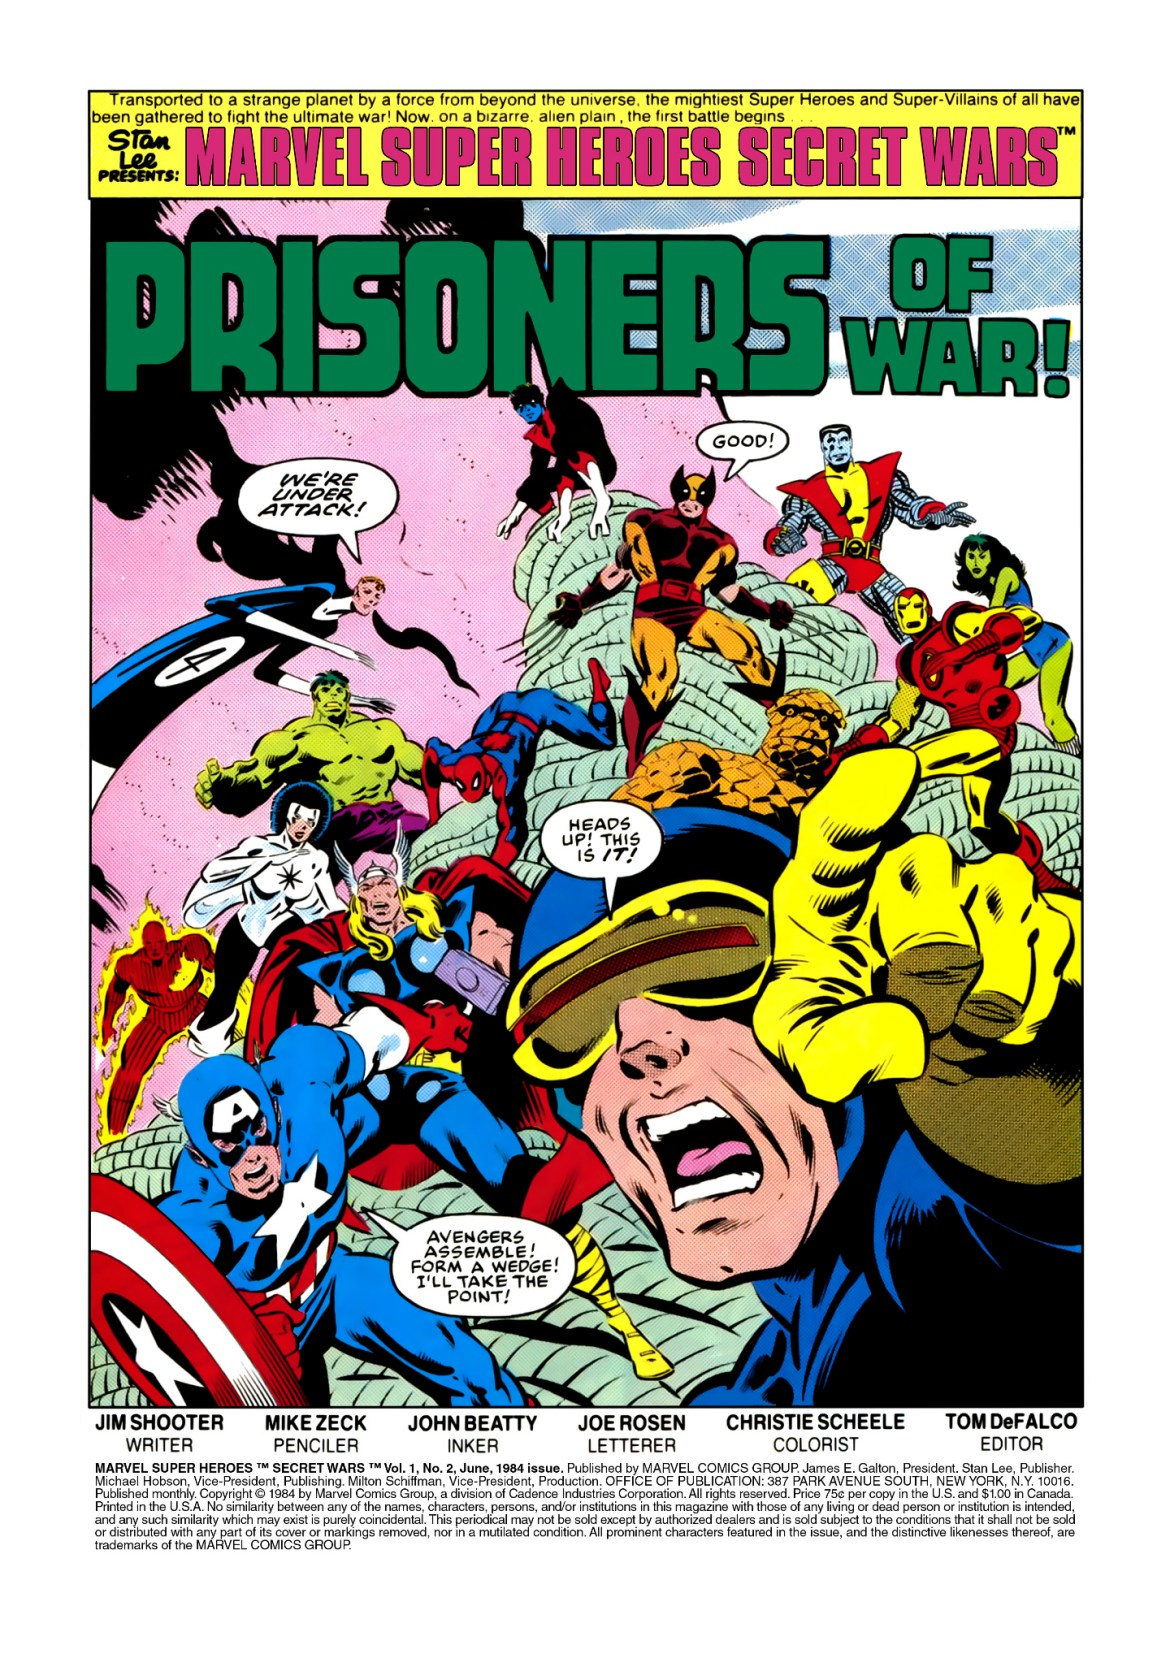 Reviews Of Old Comics: Marvel Super Heroes Secret Wars #2